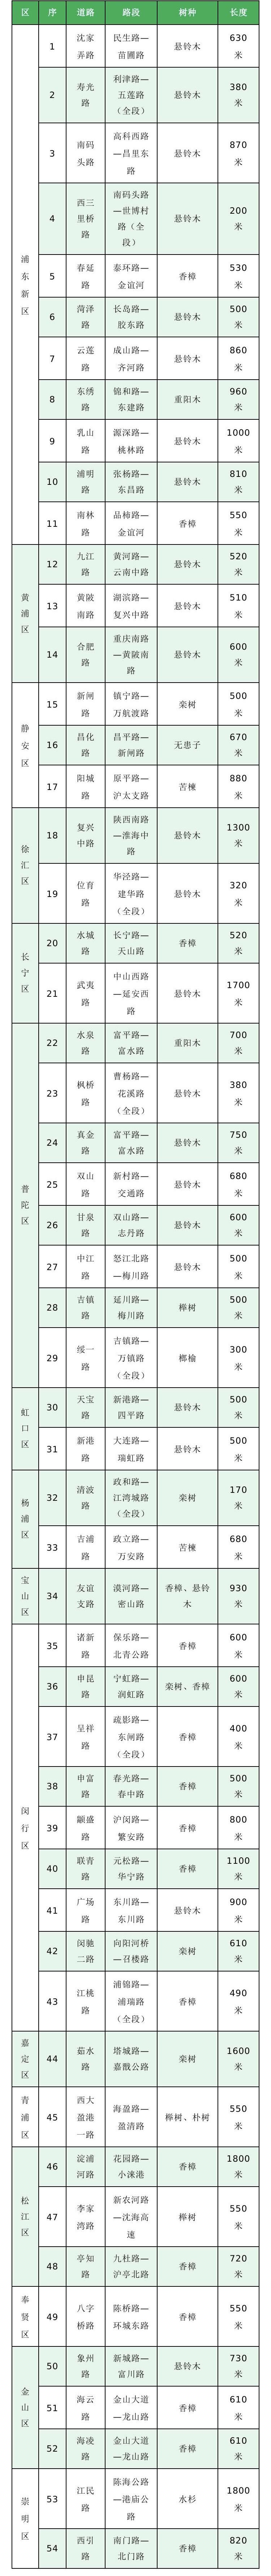 公示名单 图表来自上海市绿化和市容管理局